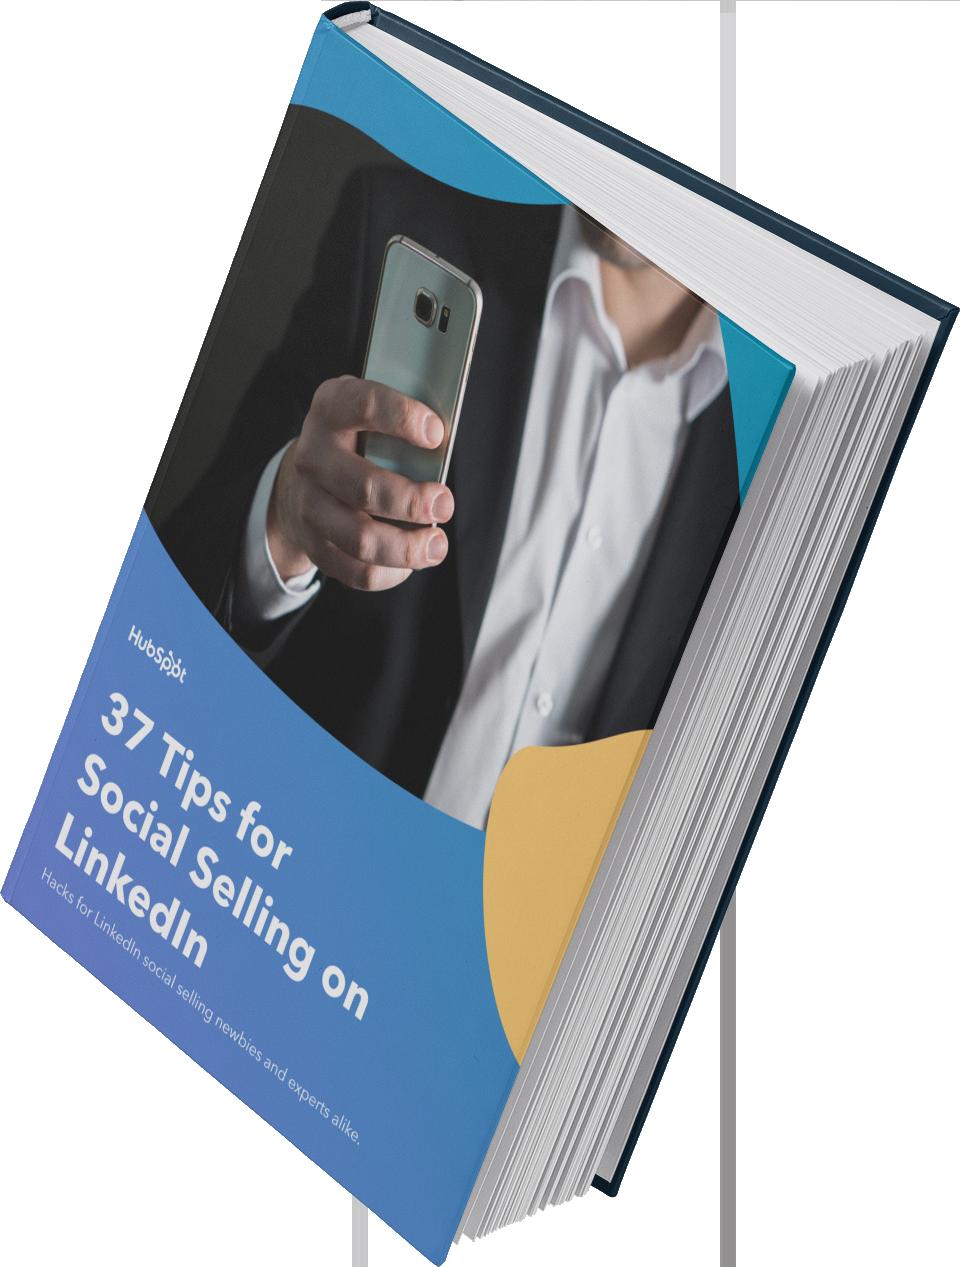 37 Tips for Social Selling on LinkedIn